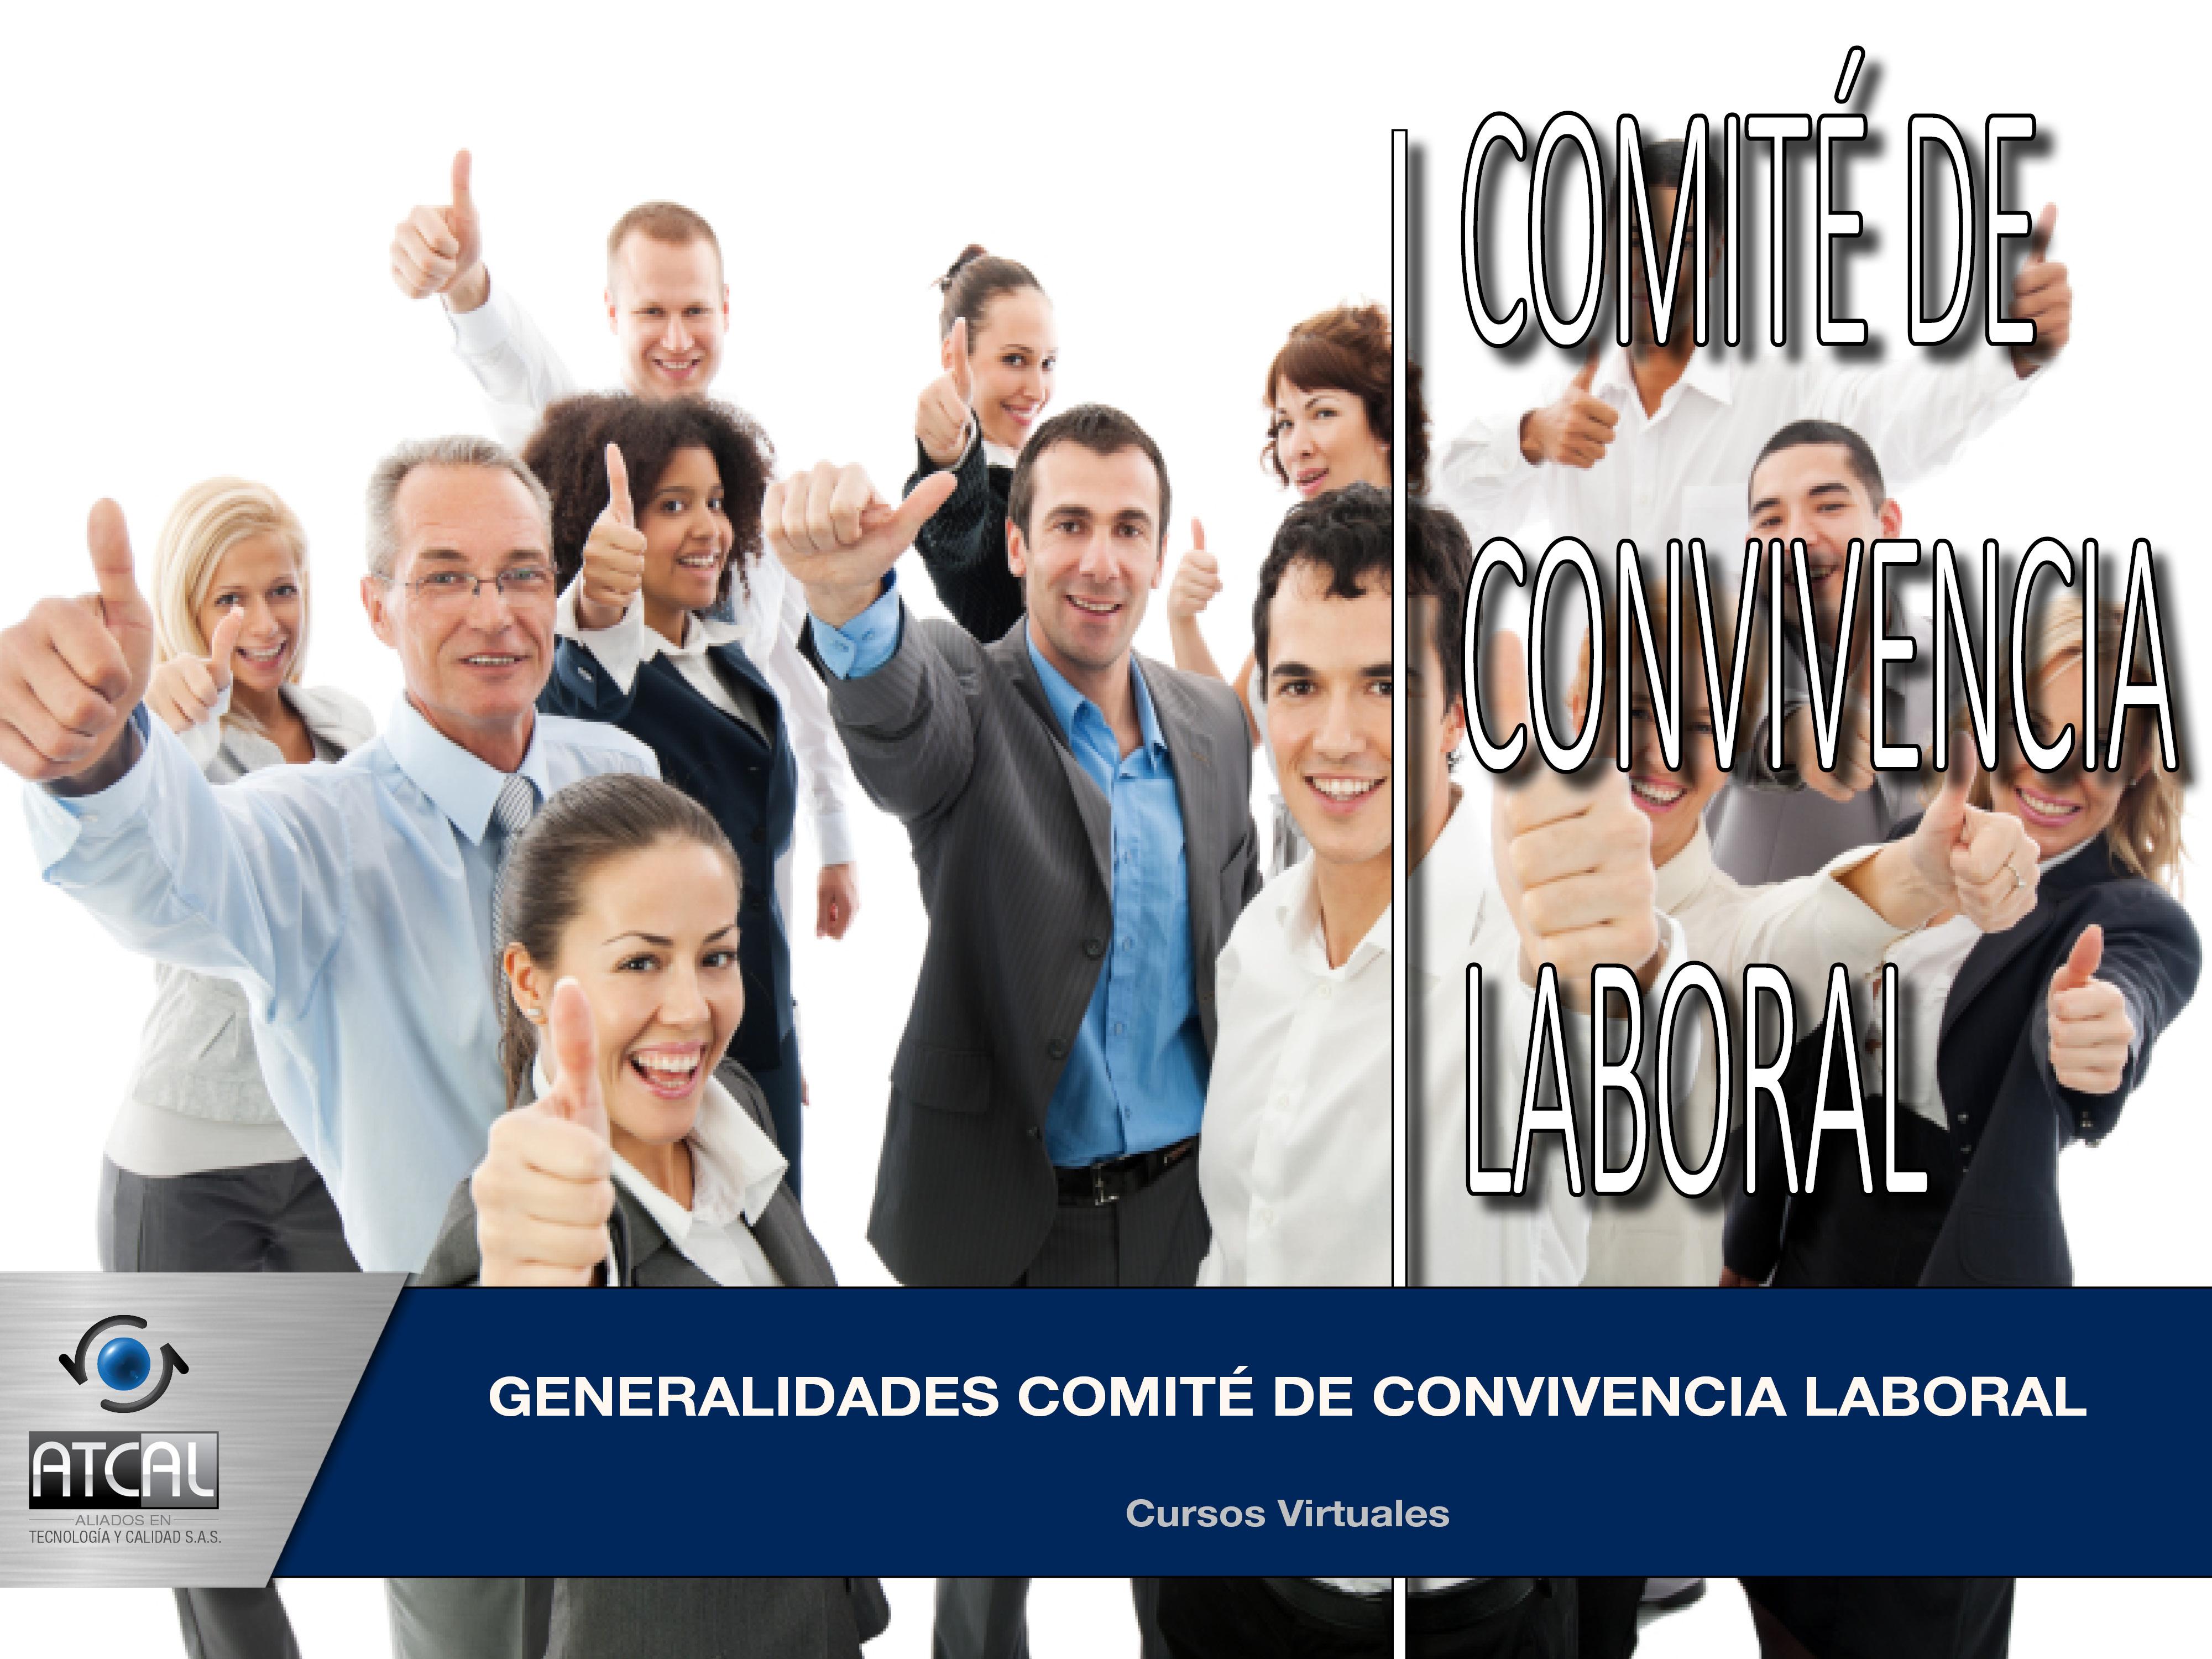 Generalidades Comité de Convivencia Laboral